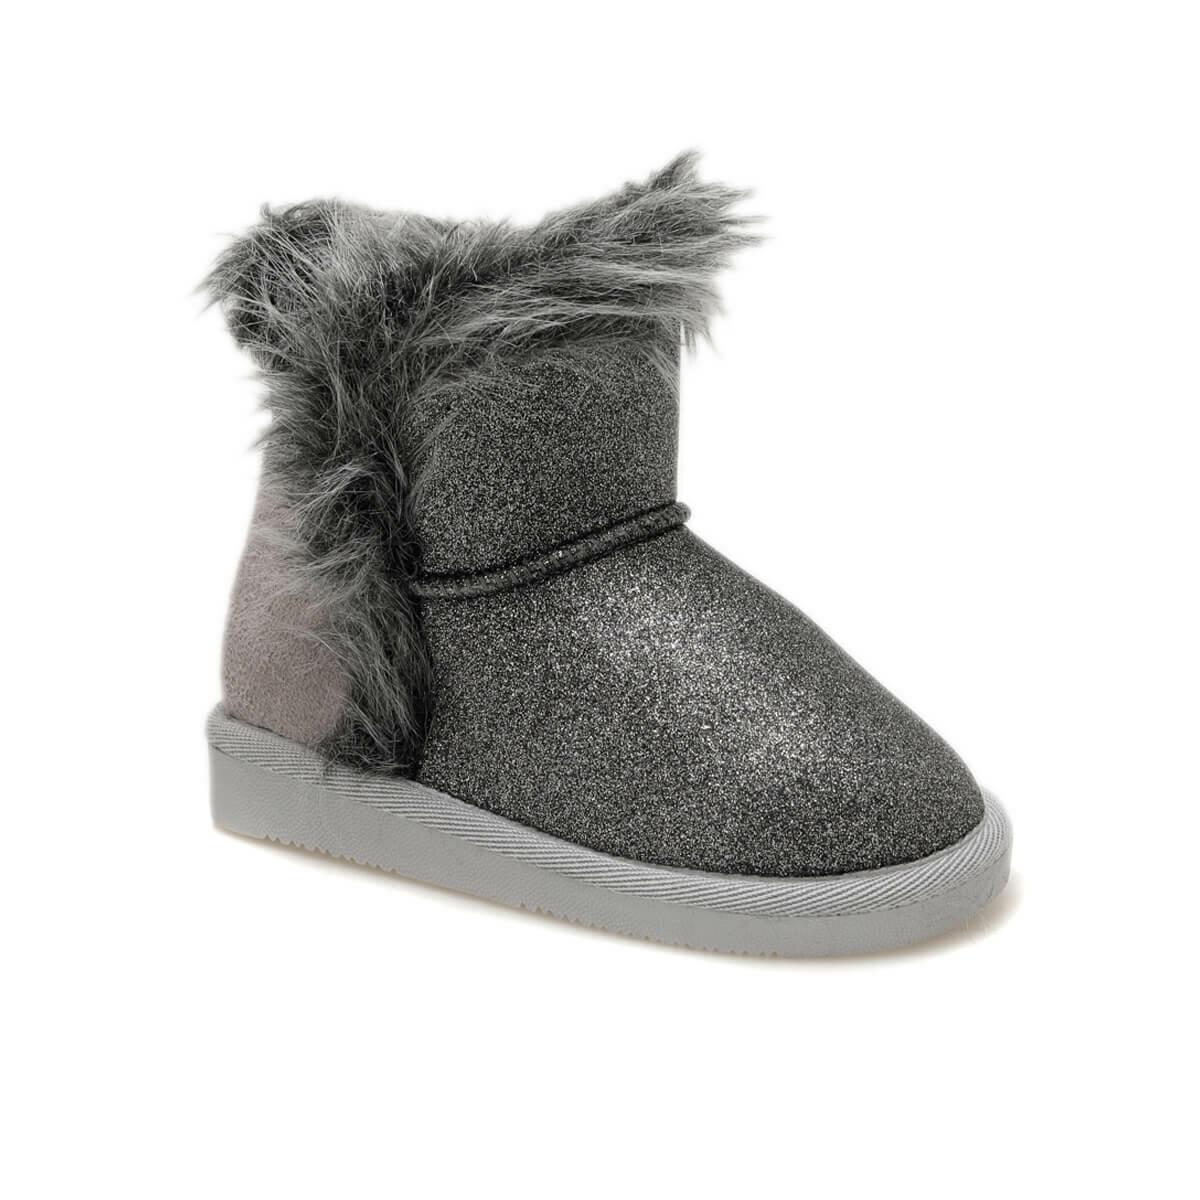 FLO 92.511810.P Silver Girl Children Ugg Boots Polaris